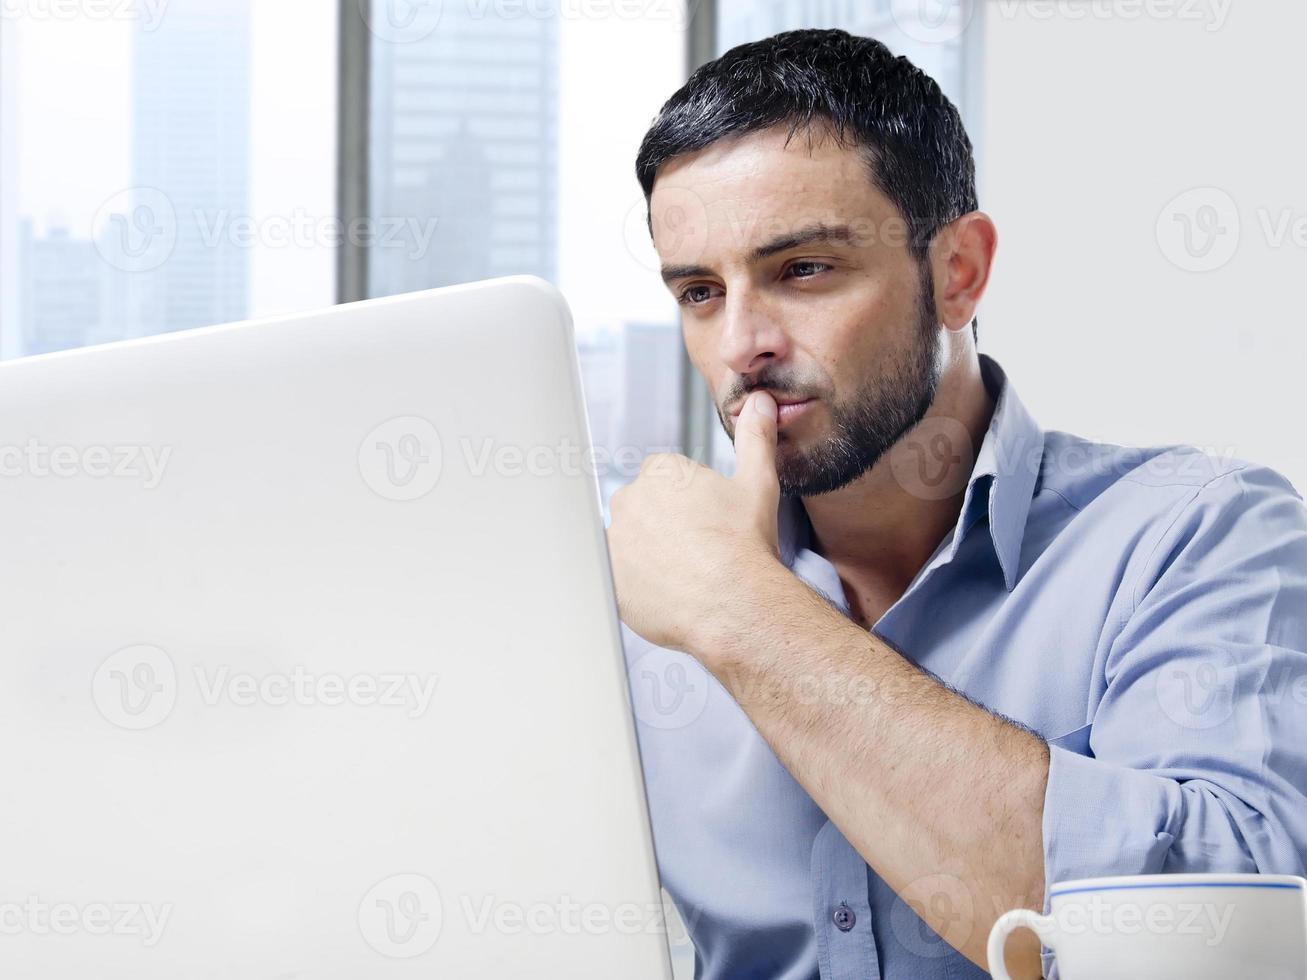 empresário atraente trabalhando no computador na mesa de escritório foto